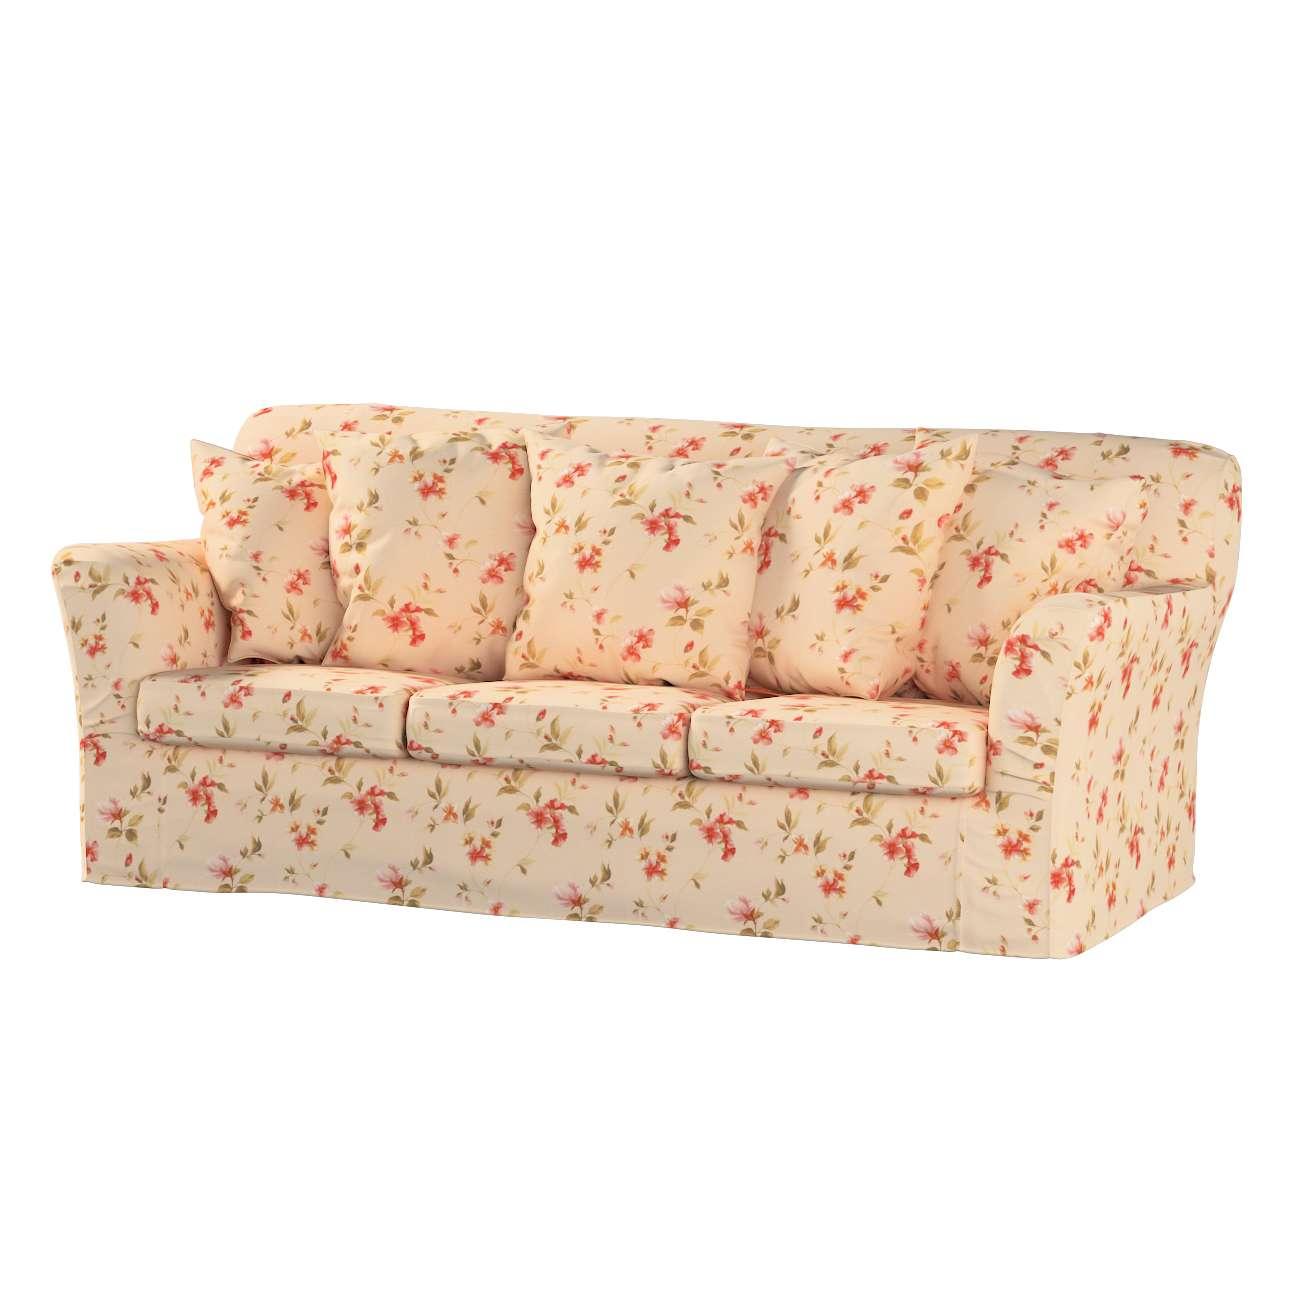 Tomelilla 3-Sitzer Sofabezug nicht ausklappbar Sofahusse, Tomelilla 3-Sitzer von der Kollektion Londres, Stoff: 124-05